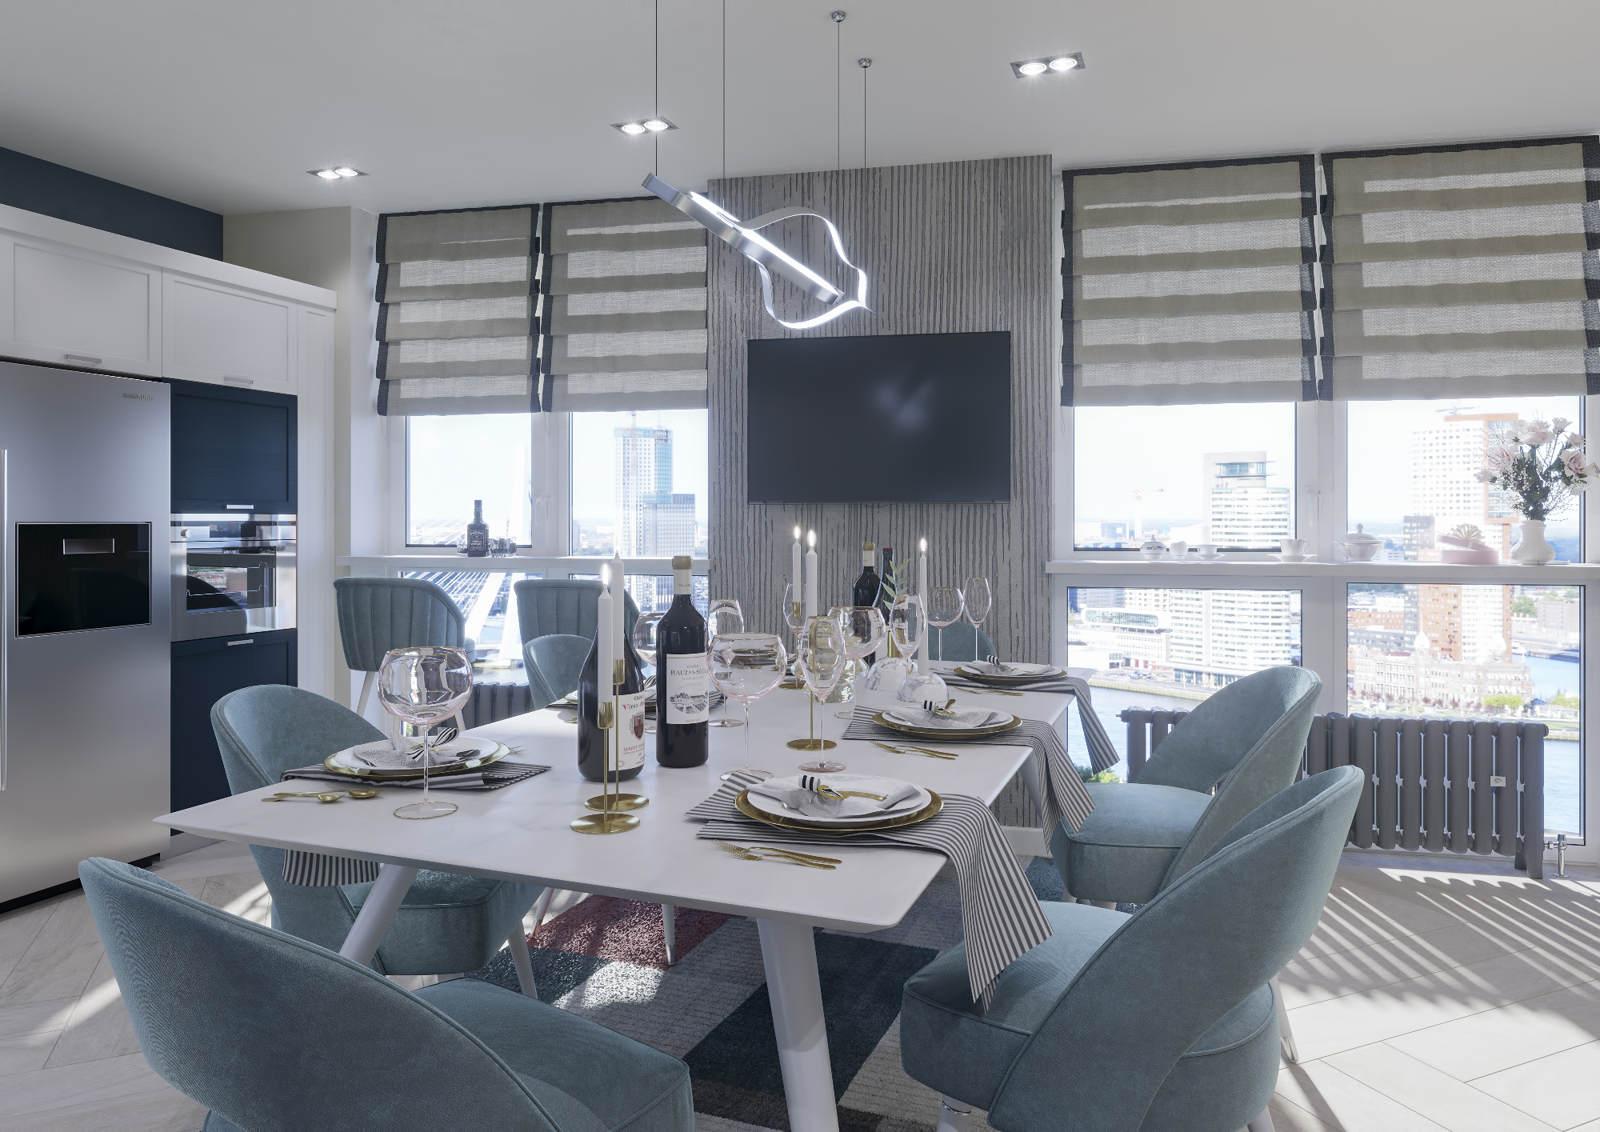 Дизайн нтерьера гостинной Киев скандинавский стиль лофт, декор на стенах, стол и стулья